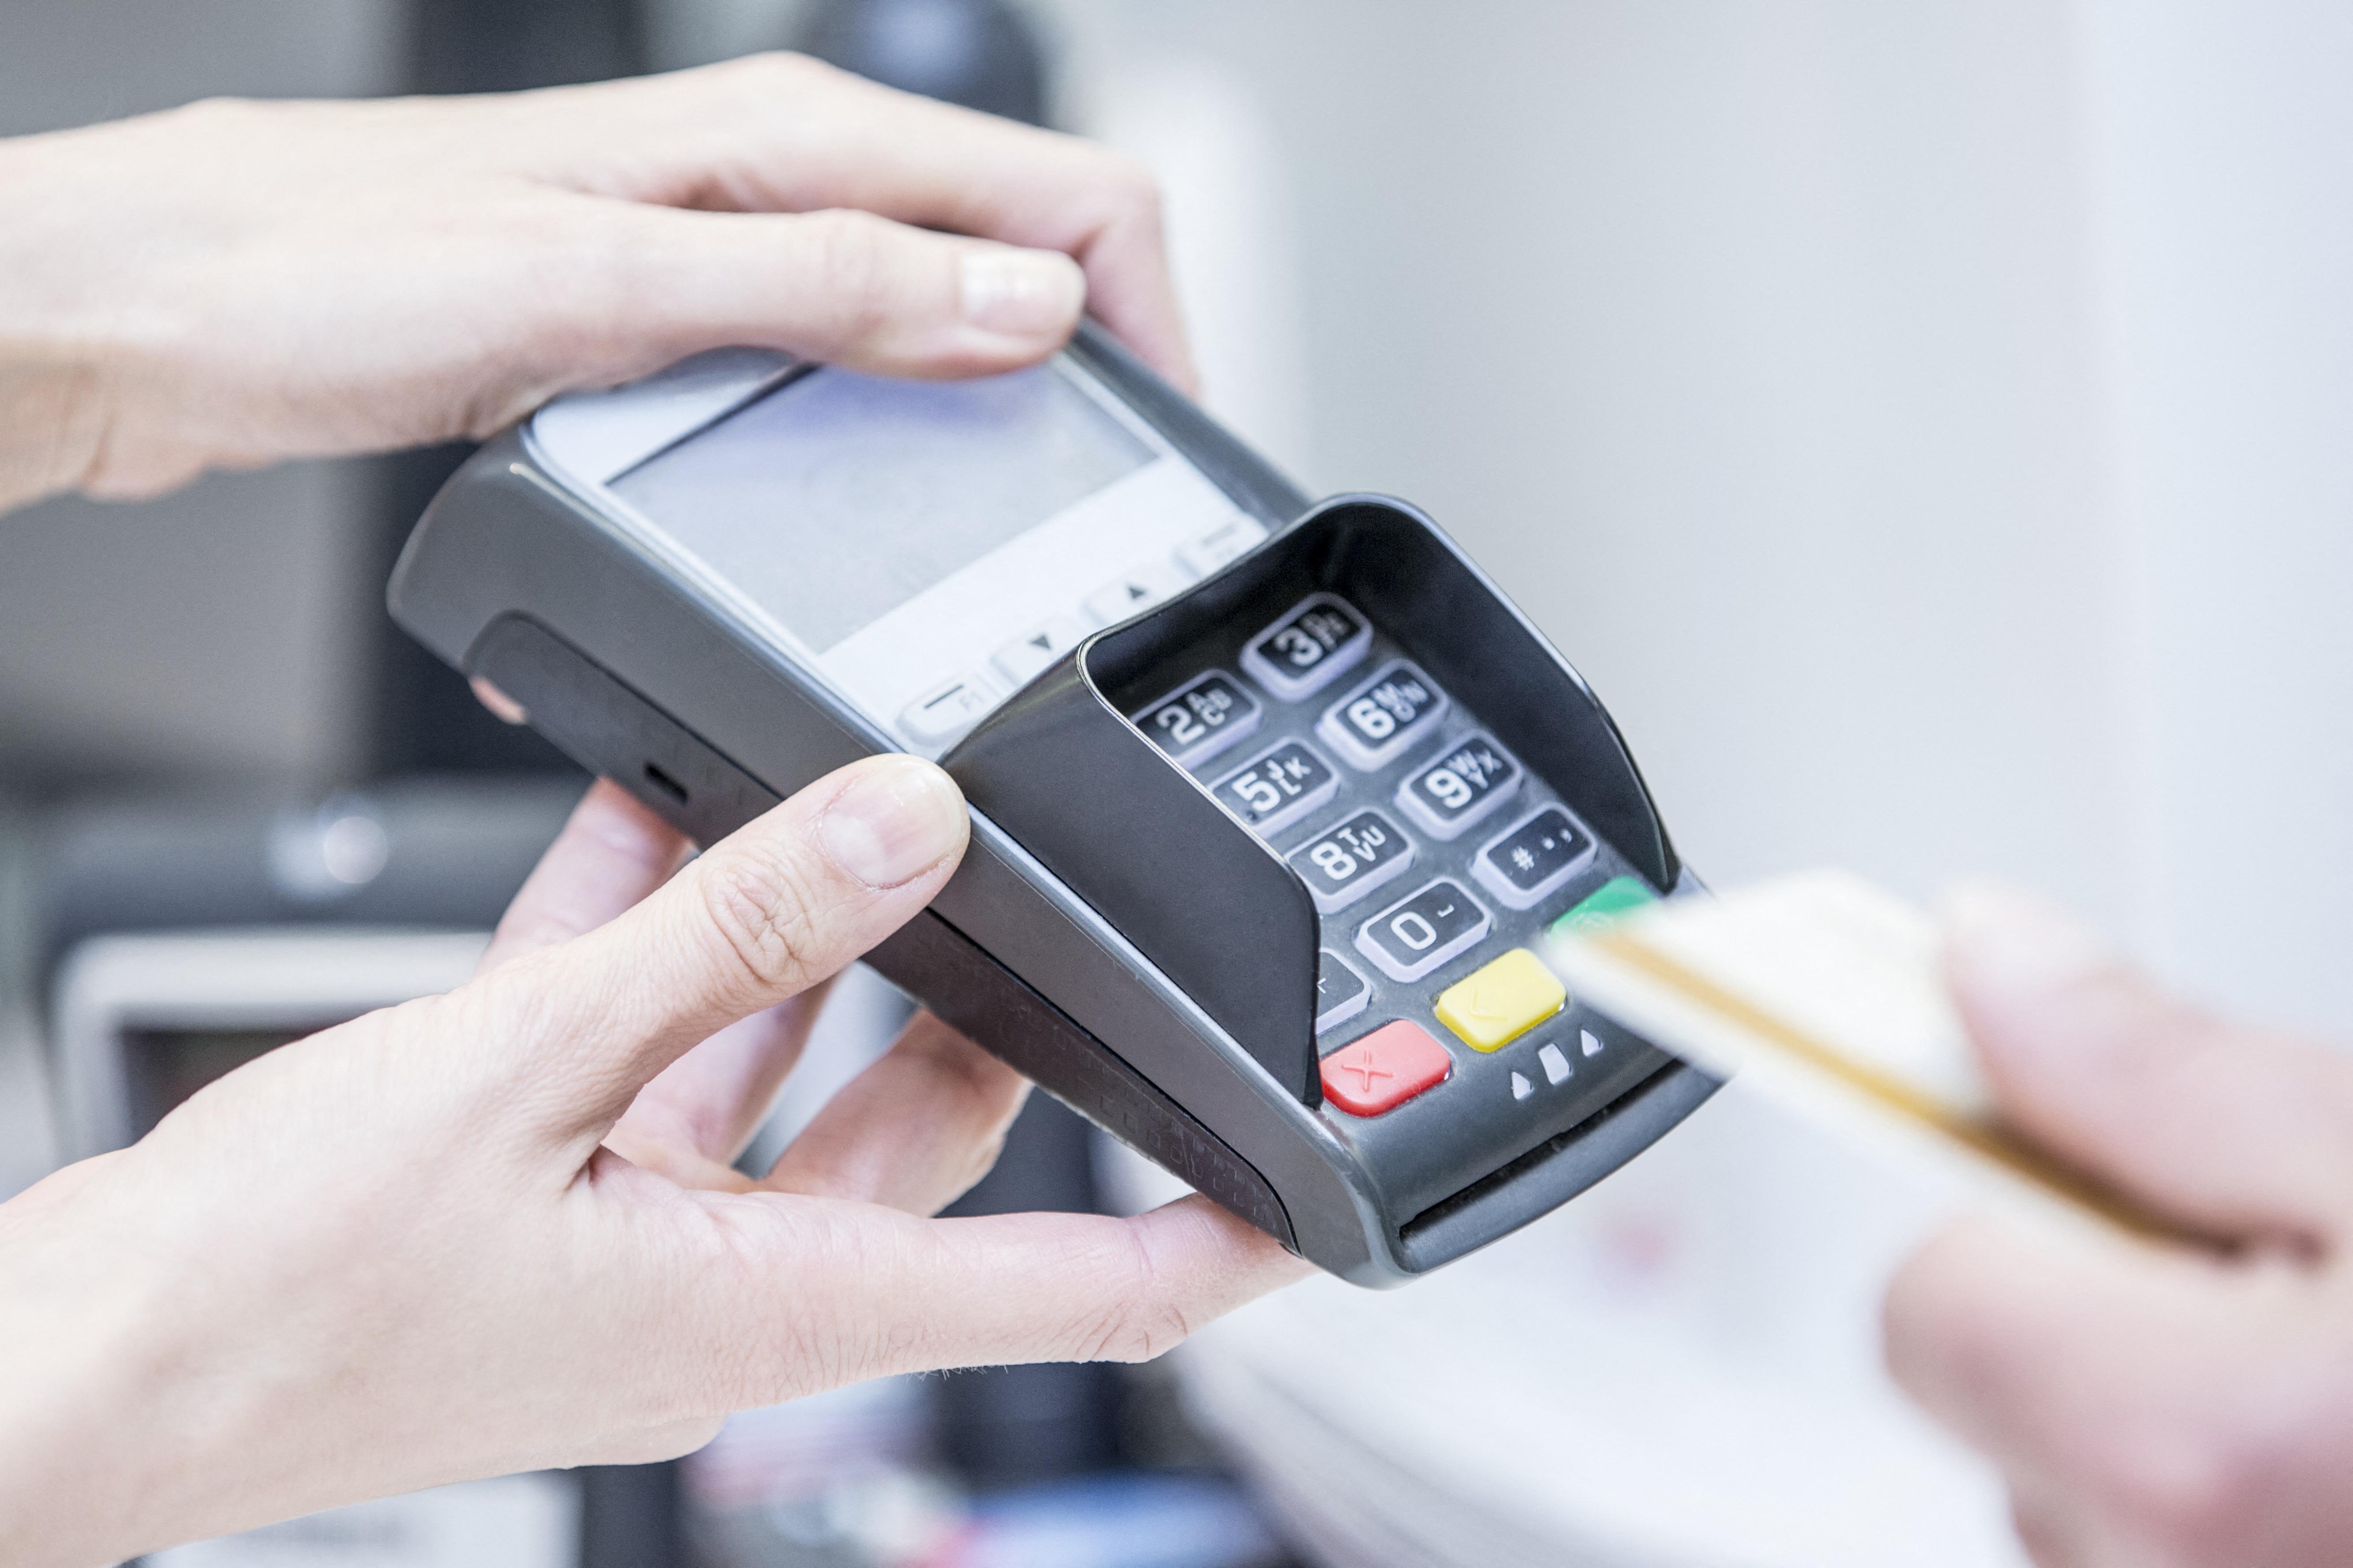 Egyre többet és egyre szívesebben fizetünk bankkártyával